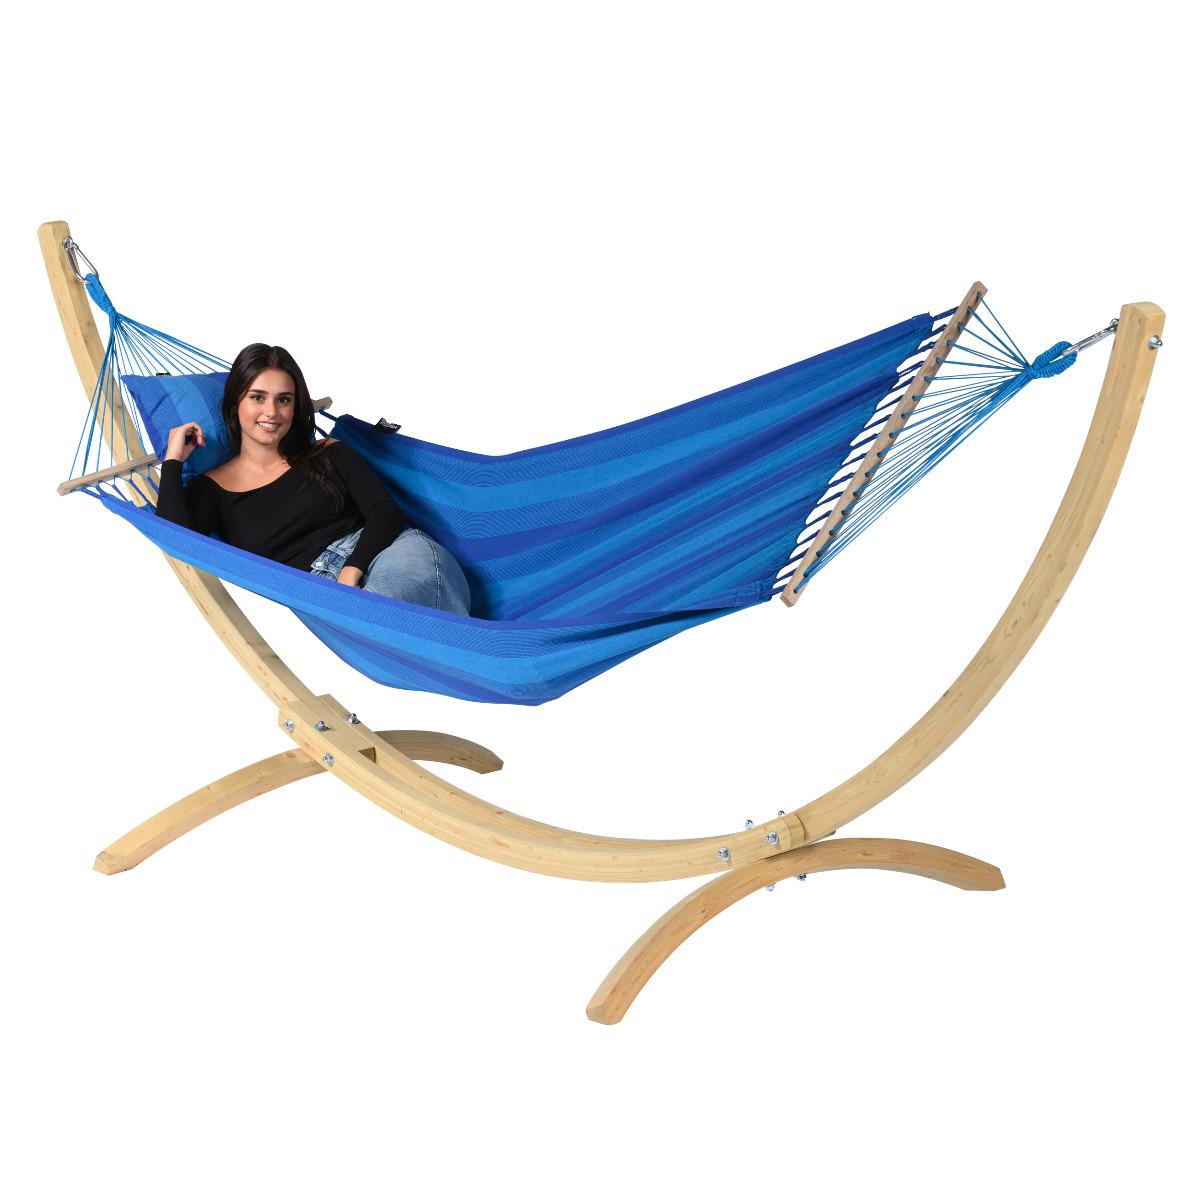 'Wood & Relax' Blue E�npersoons Hangmatset - Blauw - Tropilex �